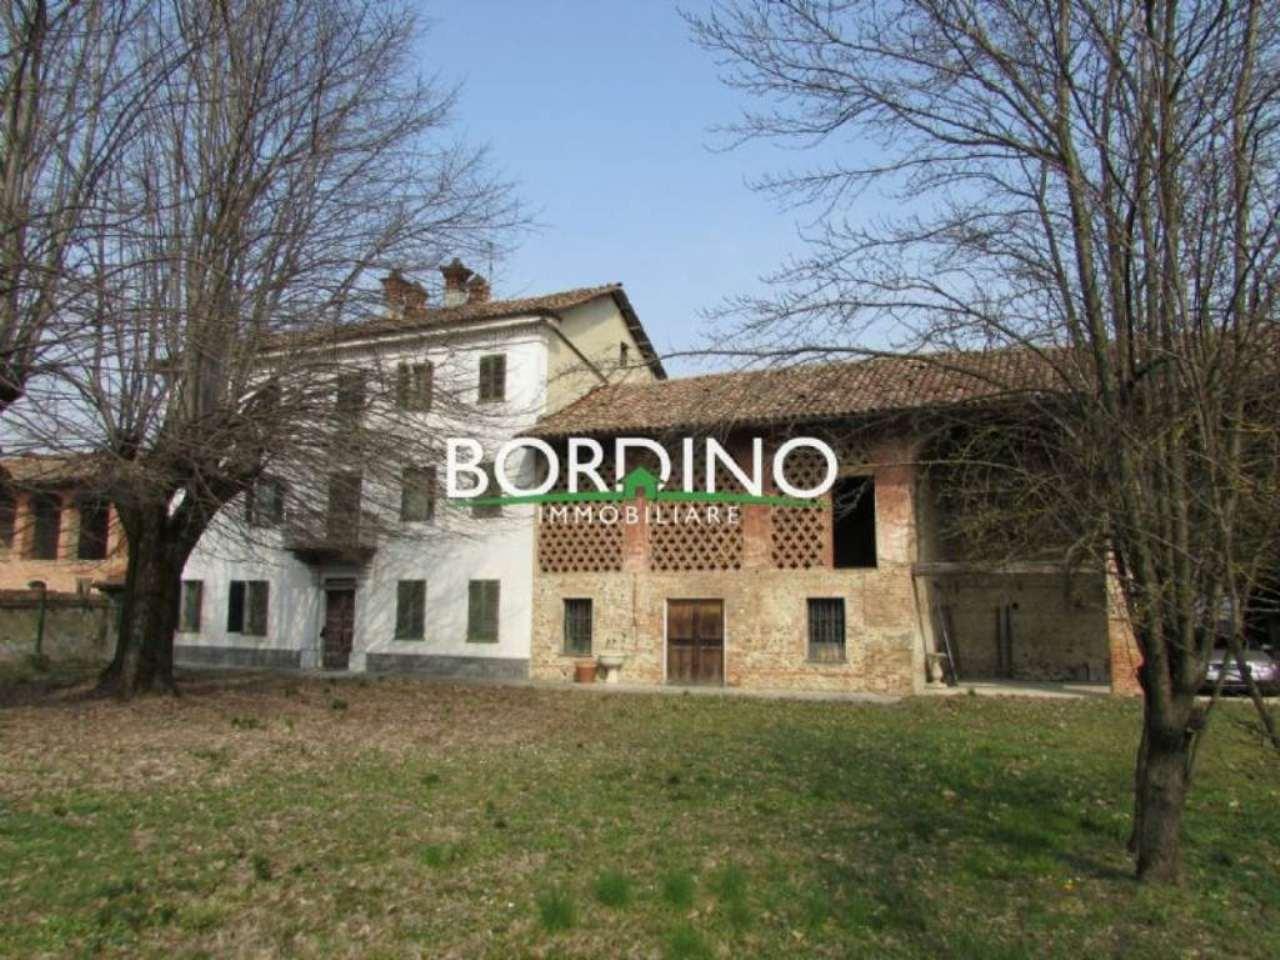 Palazzo / Stabile in vendita a Govone, 10 locali, prezzo € 160.000   PortaleAgenzieImmobiliari.it